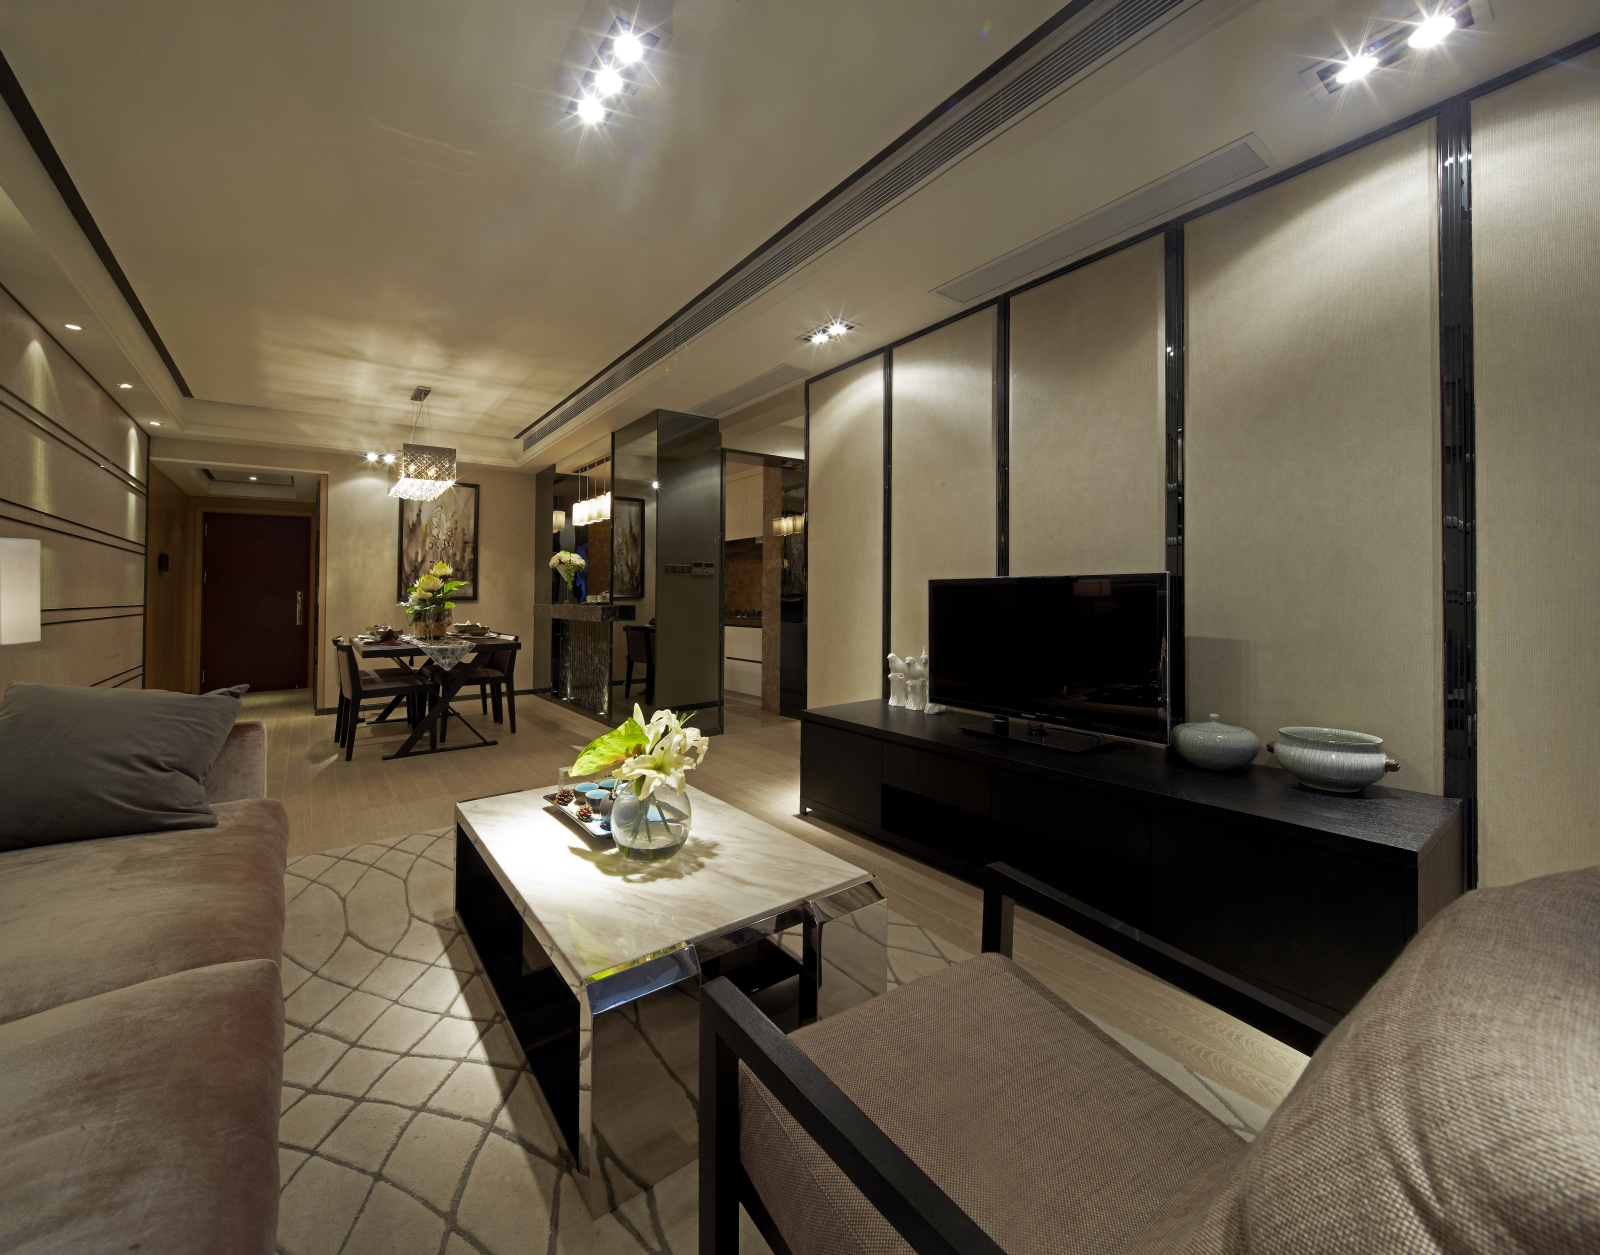 二居 简约 客厅图片来自百合居装饰工程有限公司在现代简约 蓝都会的分享